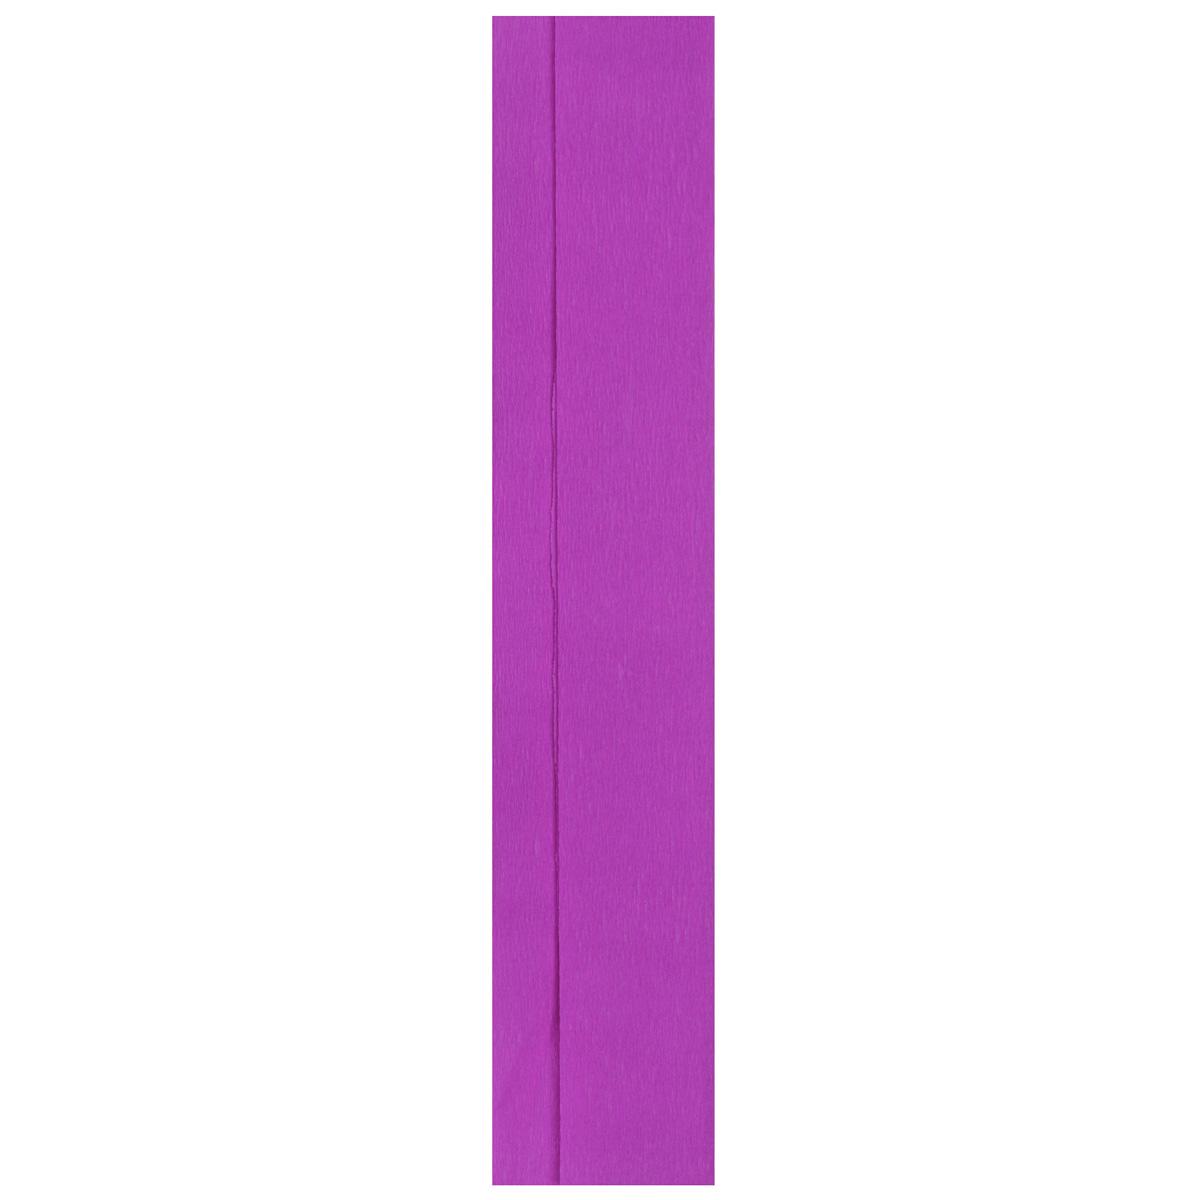 Бумага гофрированная Folia, цвет: ярко-розовый (54), 50 см x 2,5 м7704392_54Бумага гофрированная Folia - прекрасный материал для декорирования, украшения интерьера, изготовления искусственных цветов, эффектной упаковки и различных поделок. Бумага прекрасно держит форму, отлично крепится и замечательно подходит для изготовления праздничной упаковки для цветов.